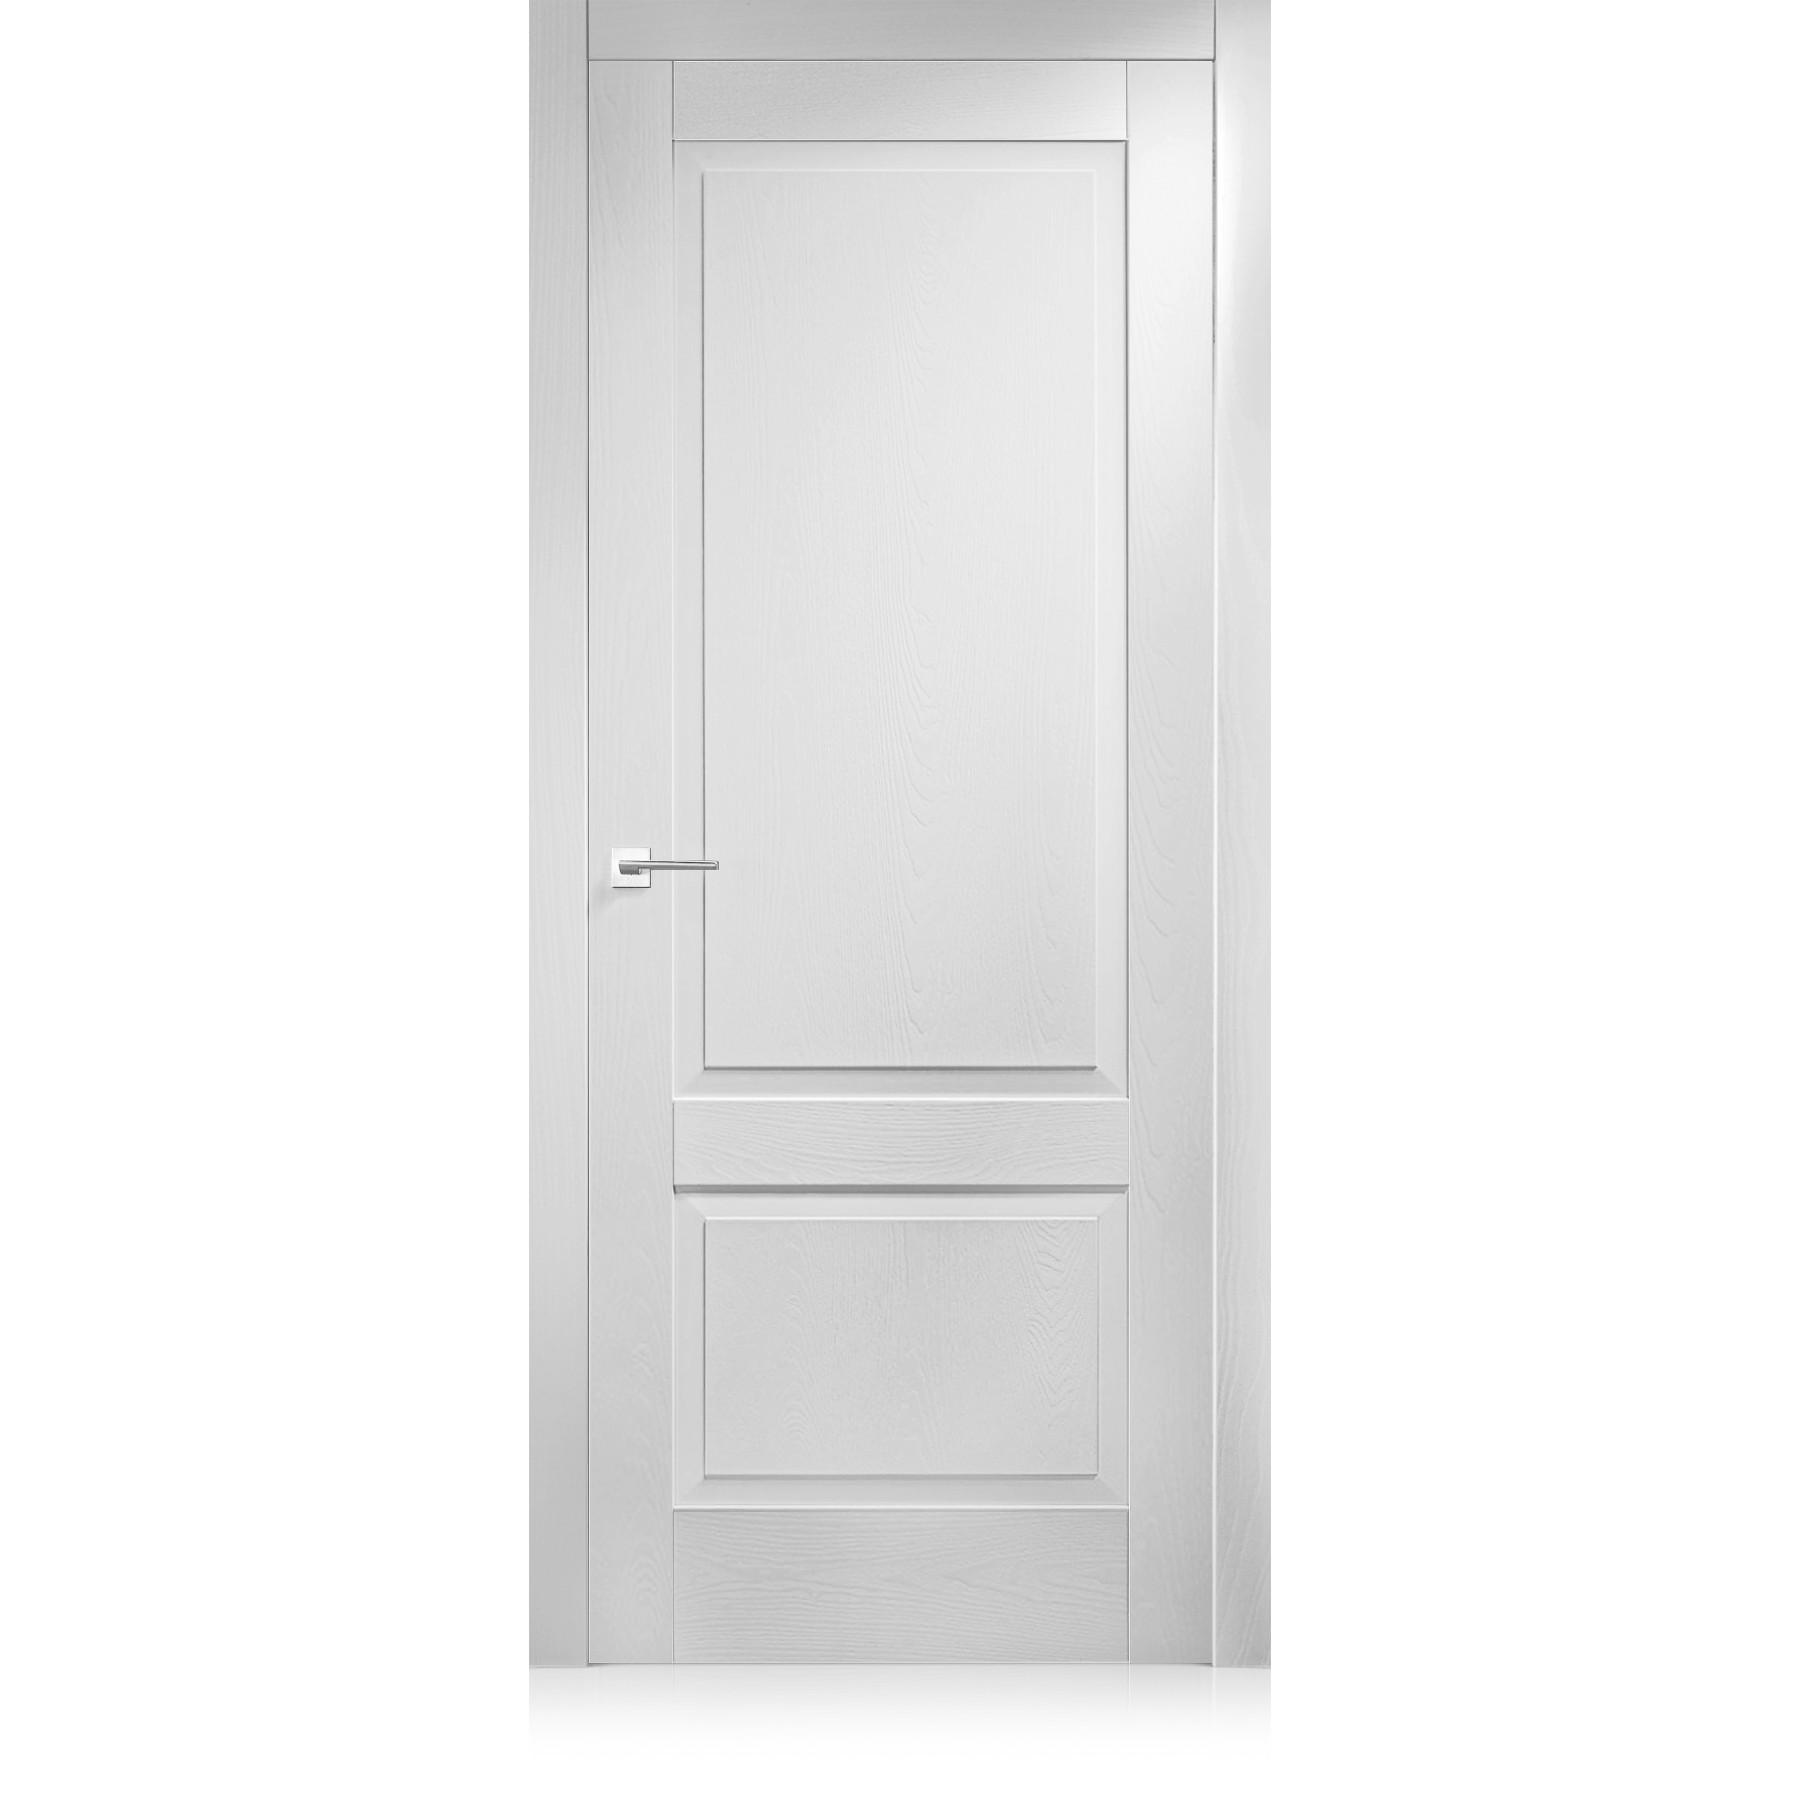 Suite / 22 trame bianco door